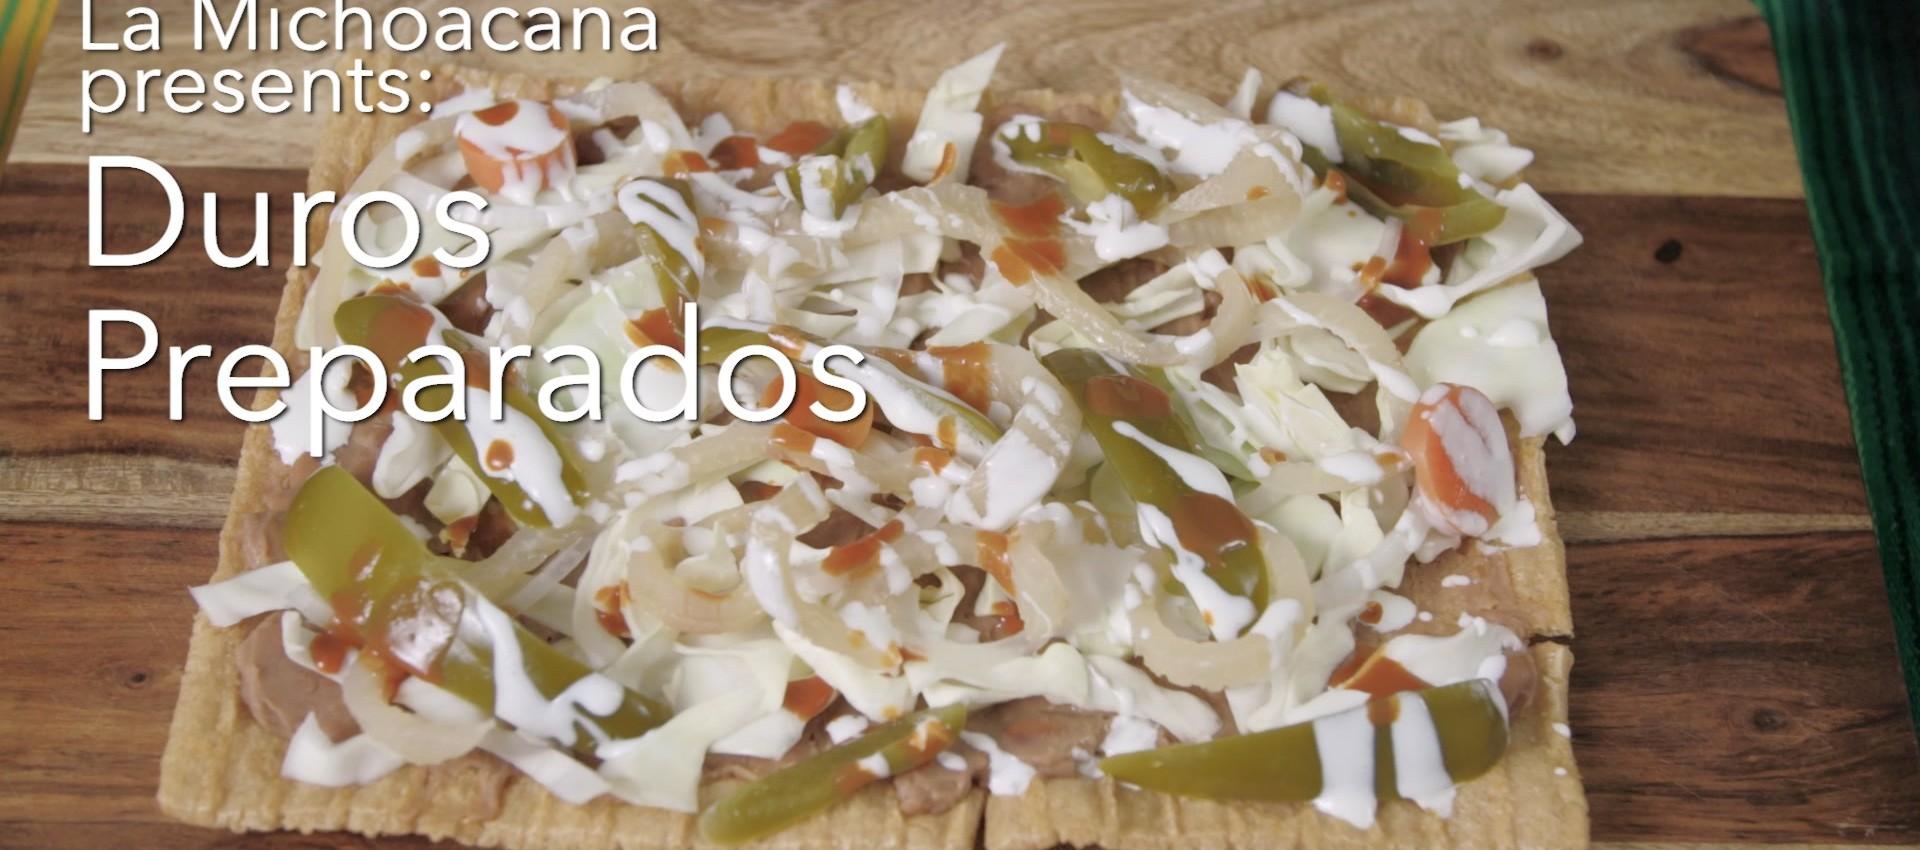 Duros Image